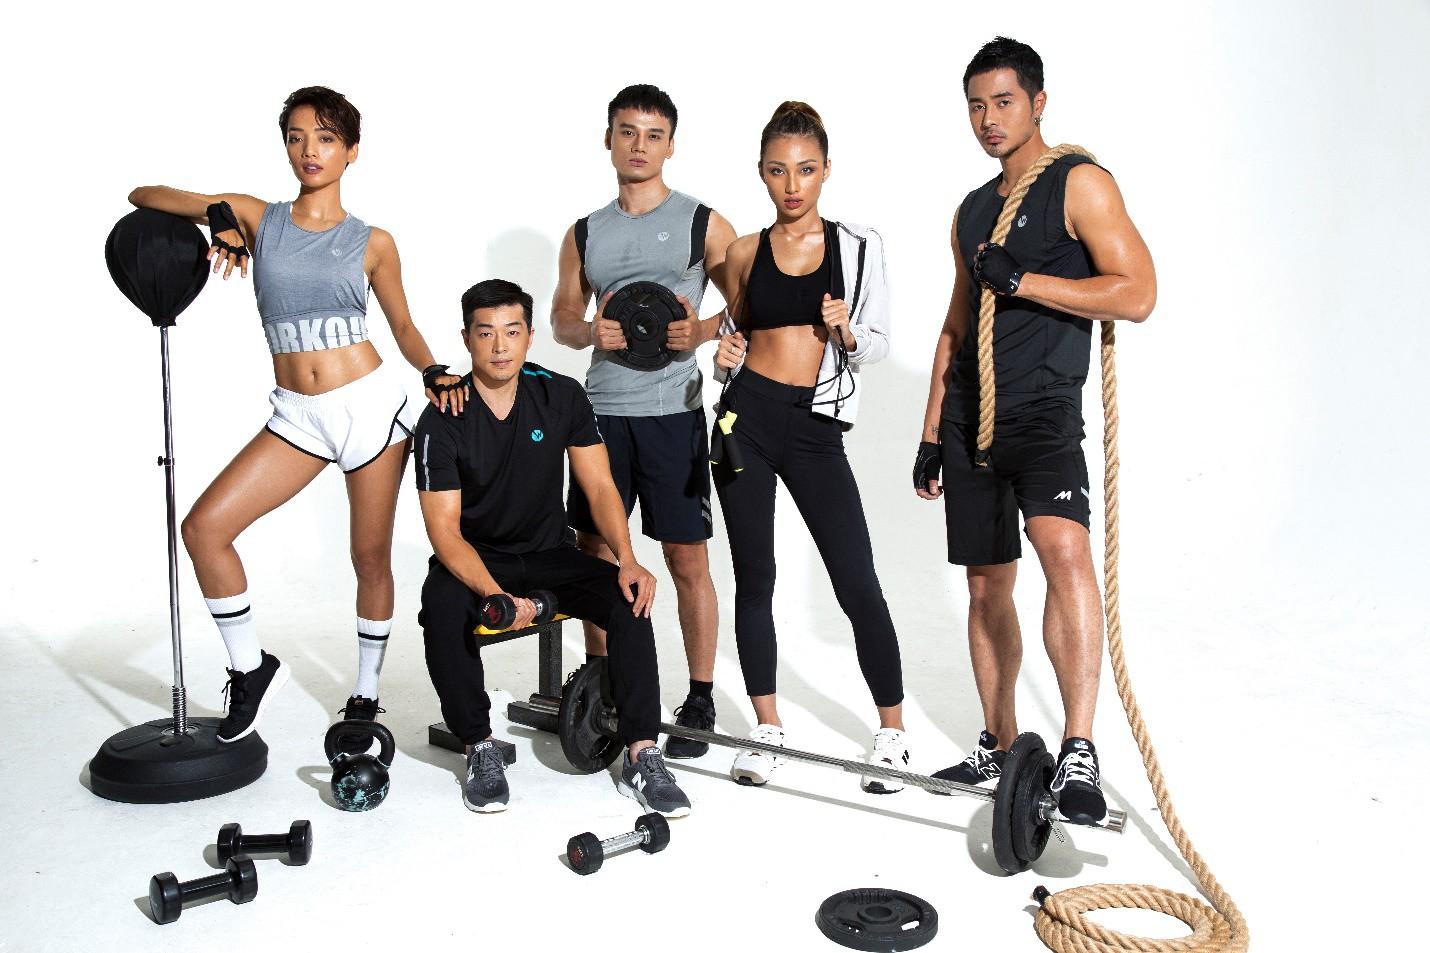 Nữ doanh nhân 8x - Xuyến Nguyễn và câu chuyện truyền cảm hứng cho những người trẻ đam mê kinh doanh thời trang - Ảnh 5.